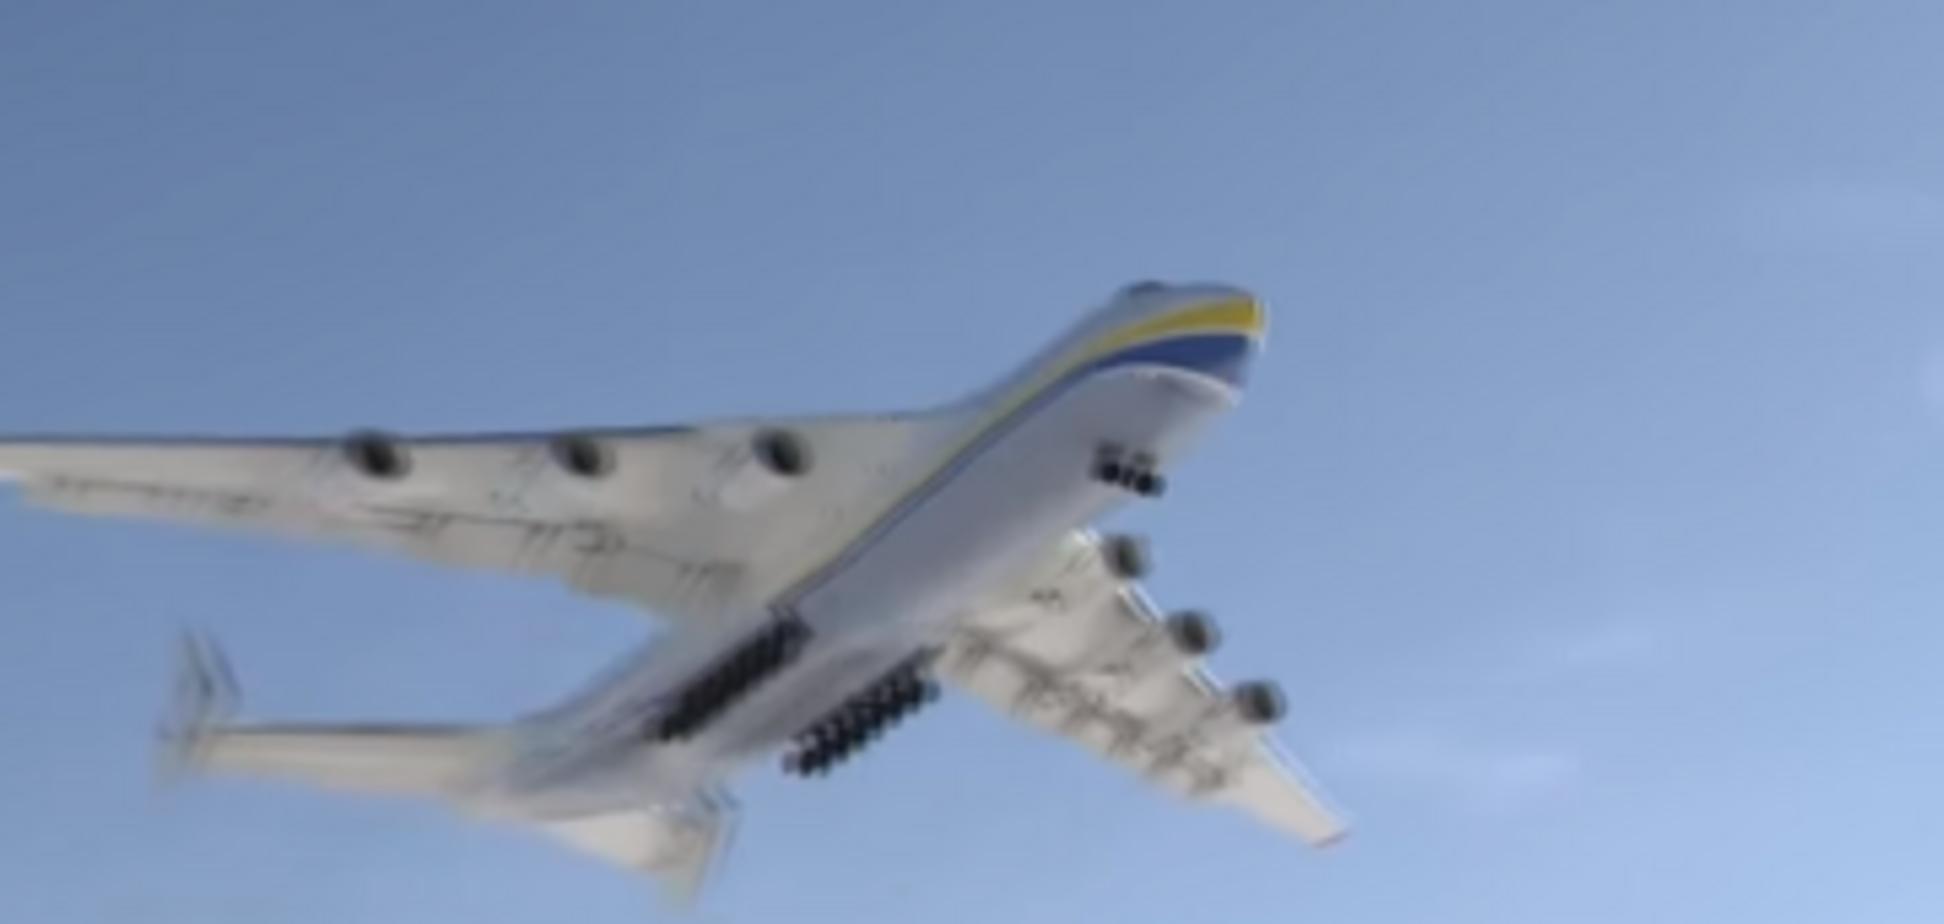 Літак 'Мрія'